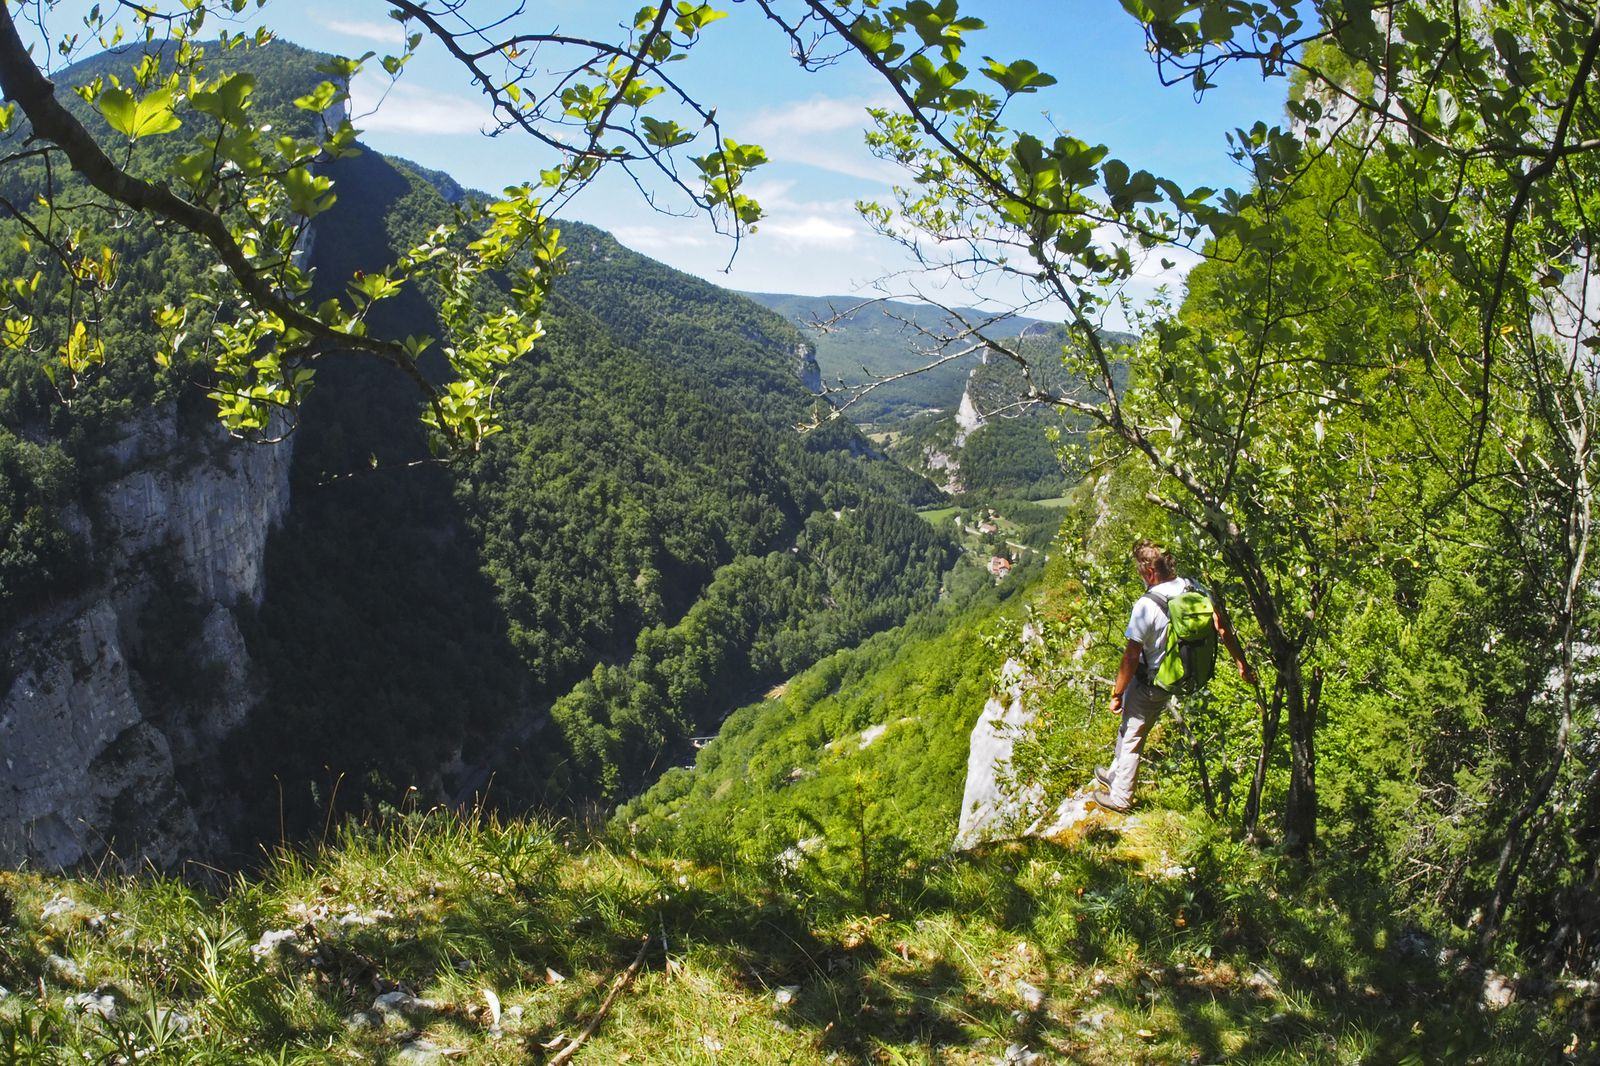 Au milieu de la vire, magistral promontoire sur les gorges. En bas, le hameau de Basse-Valette.